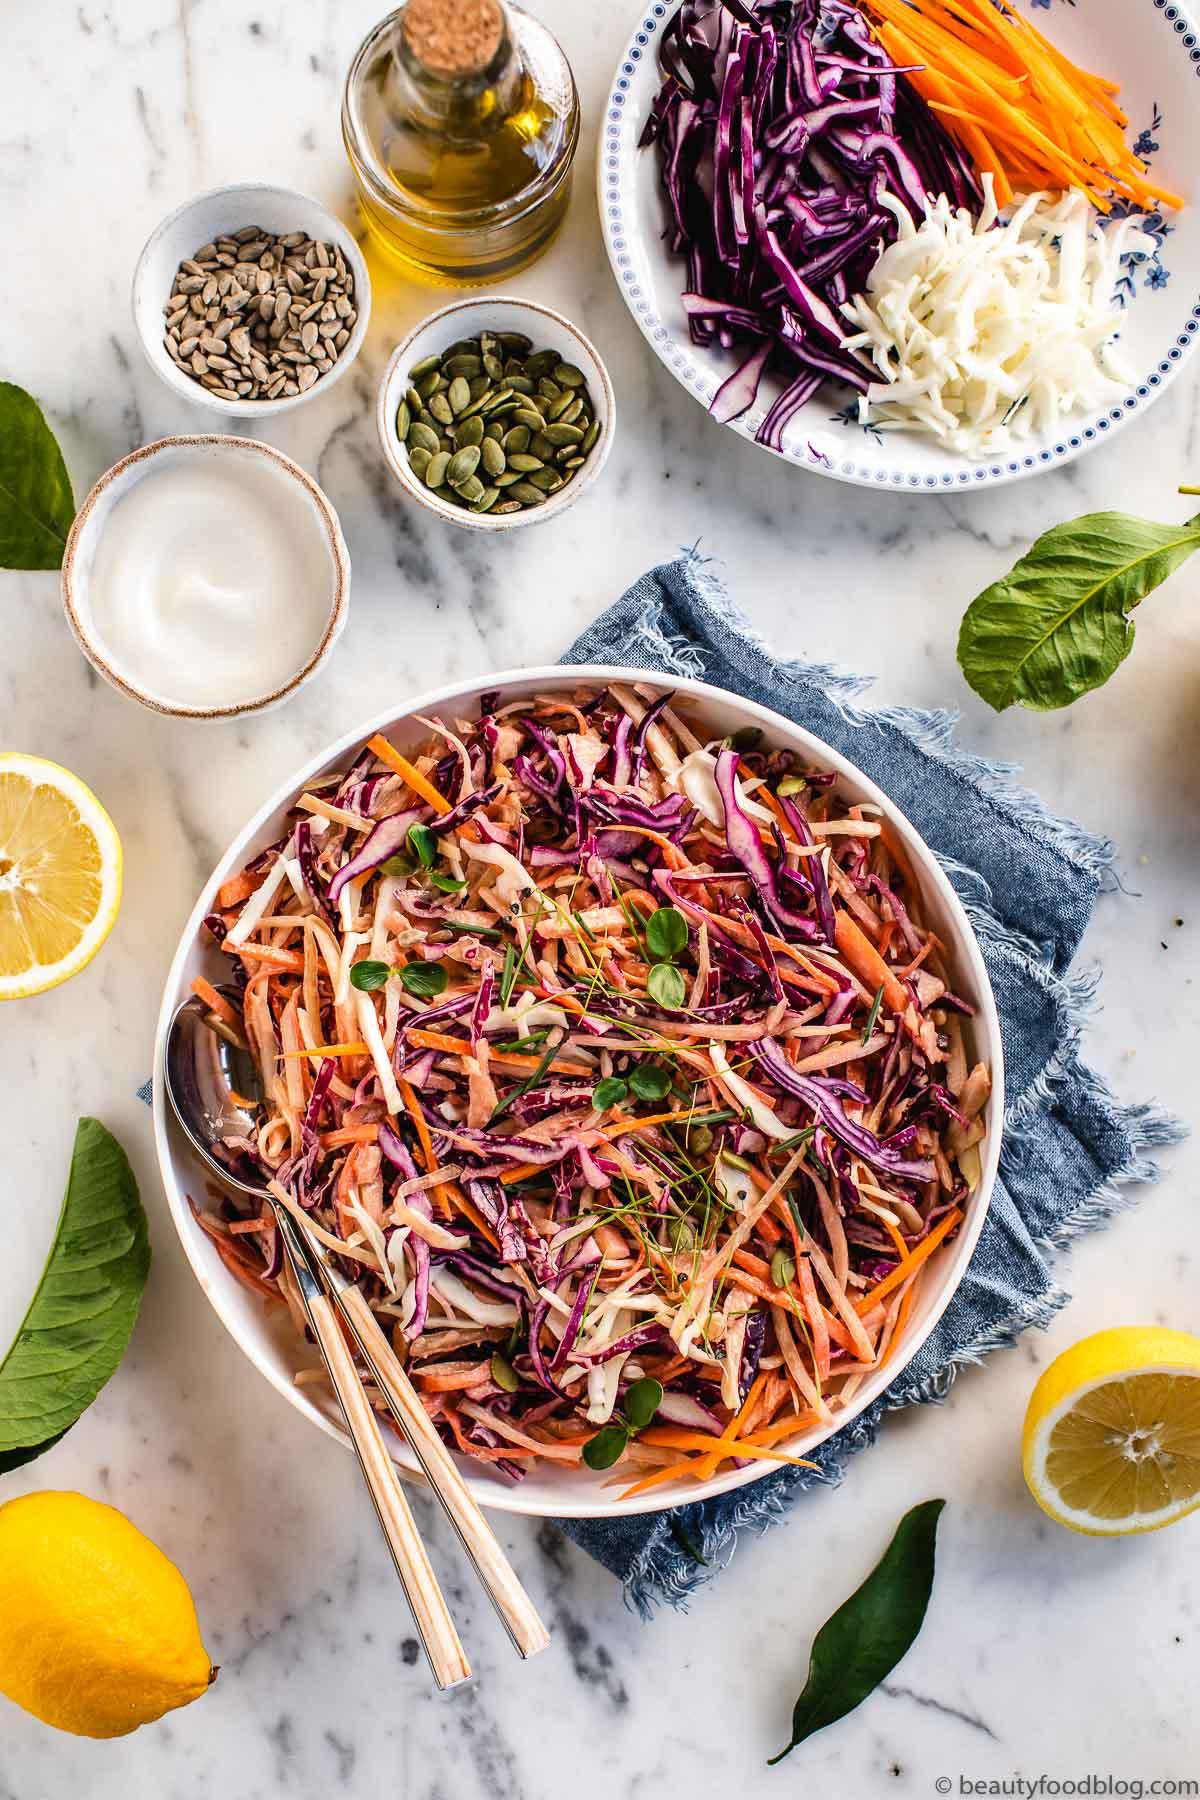 piatto con ingredienti e insalata cavolo cappuccio carote e mele e pane coleslaw light plate with coleslaw salad and bread